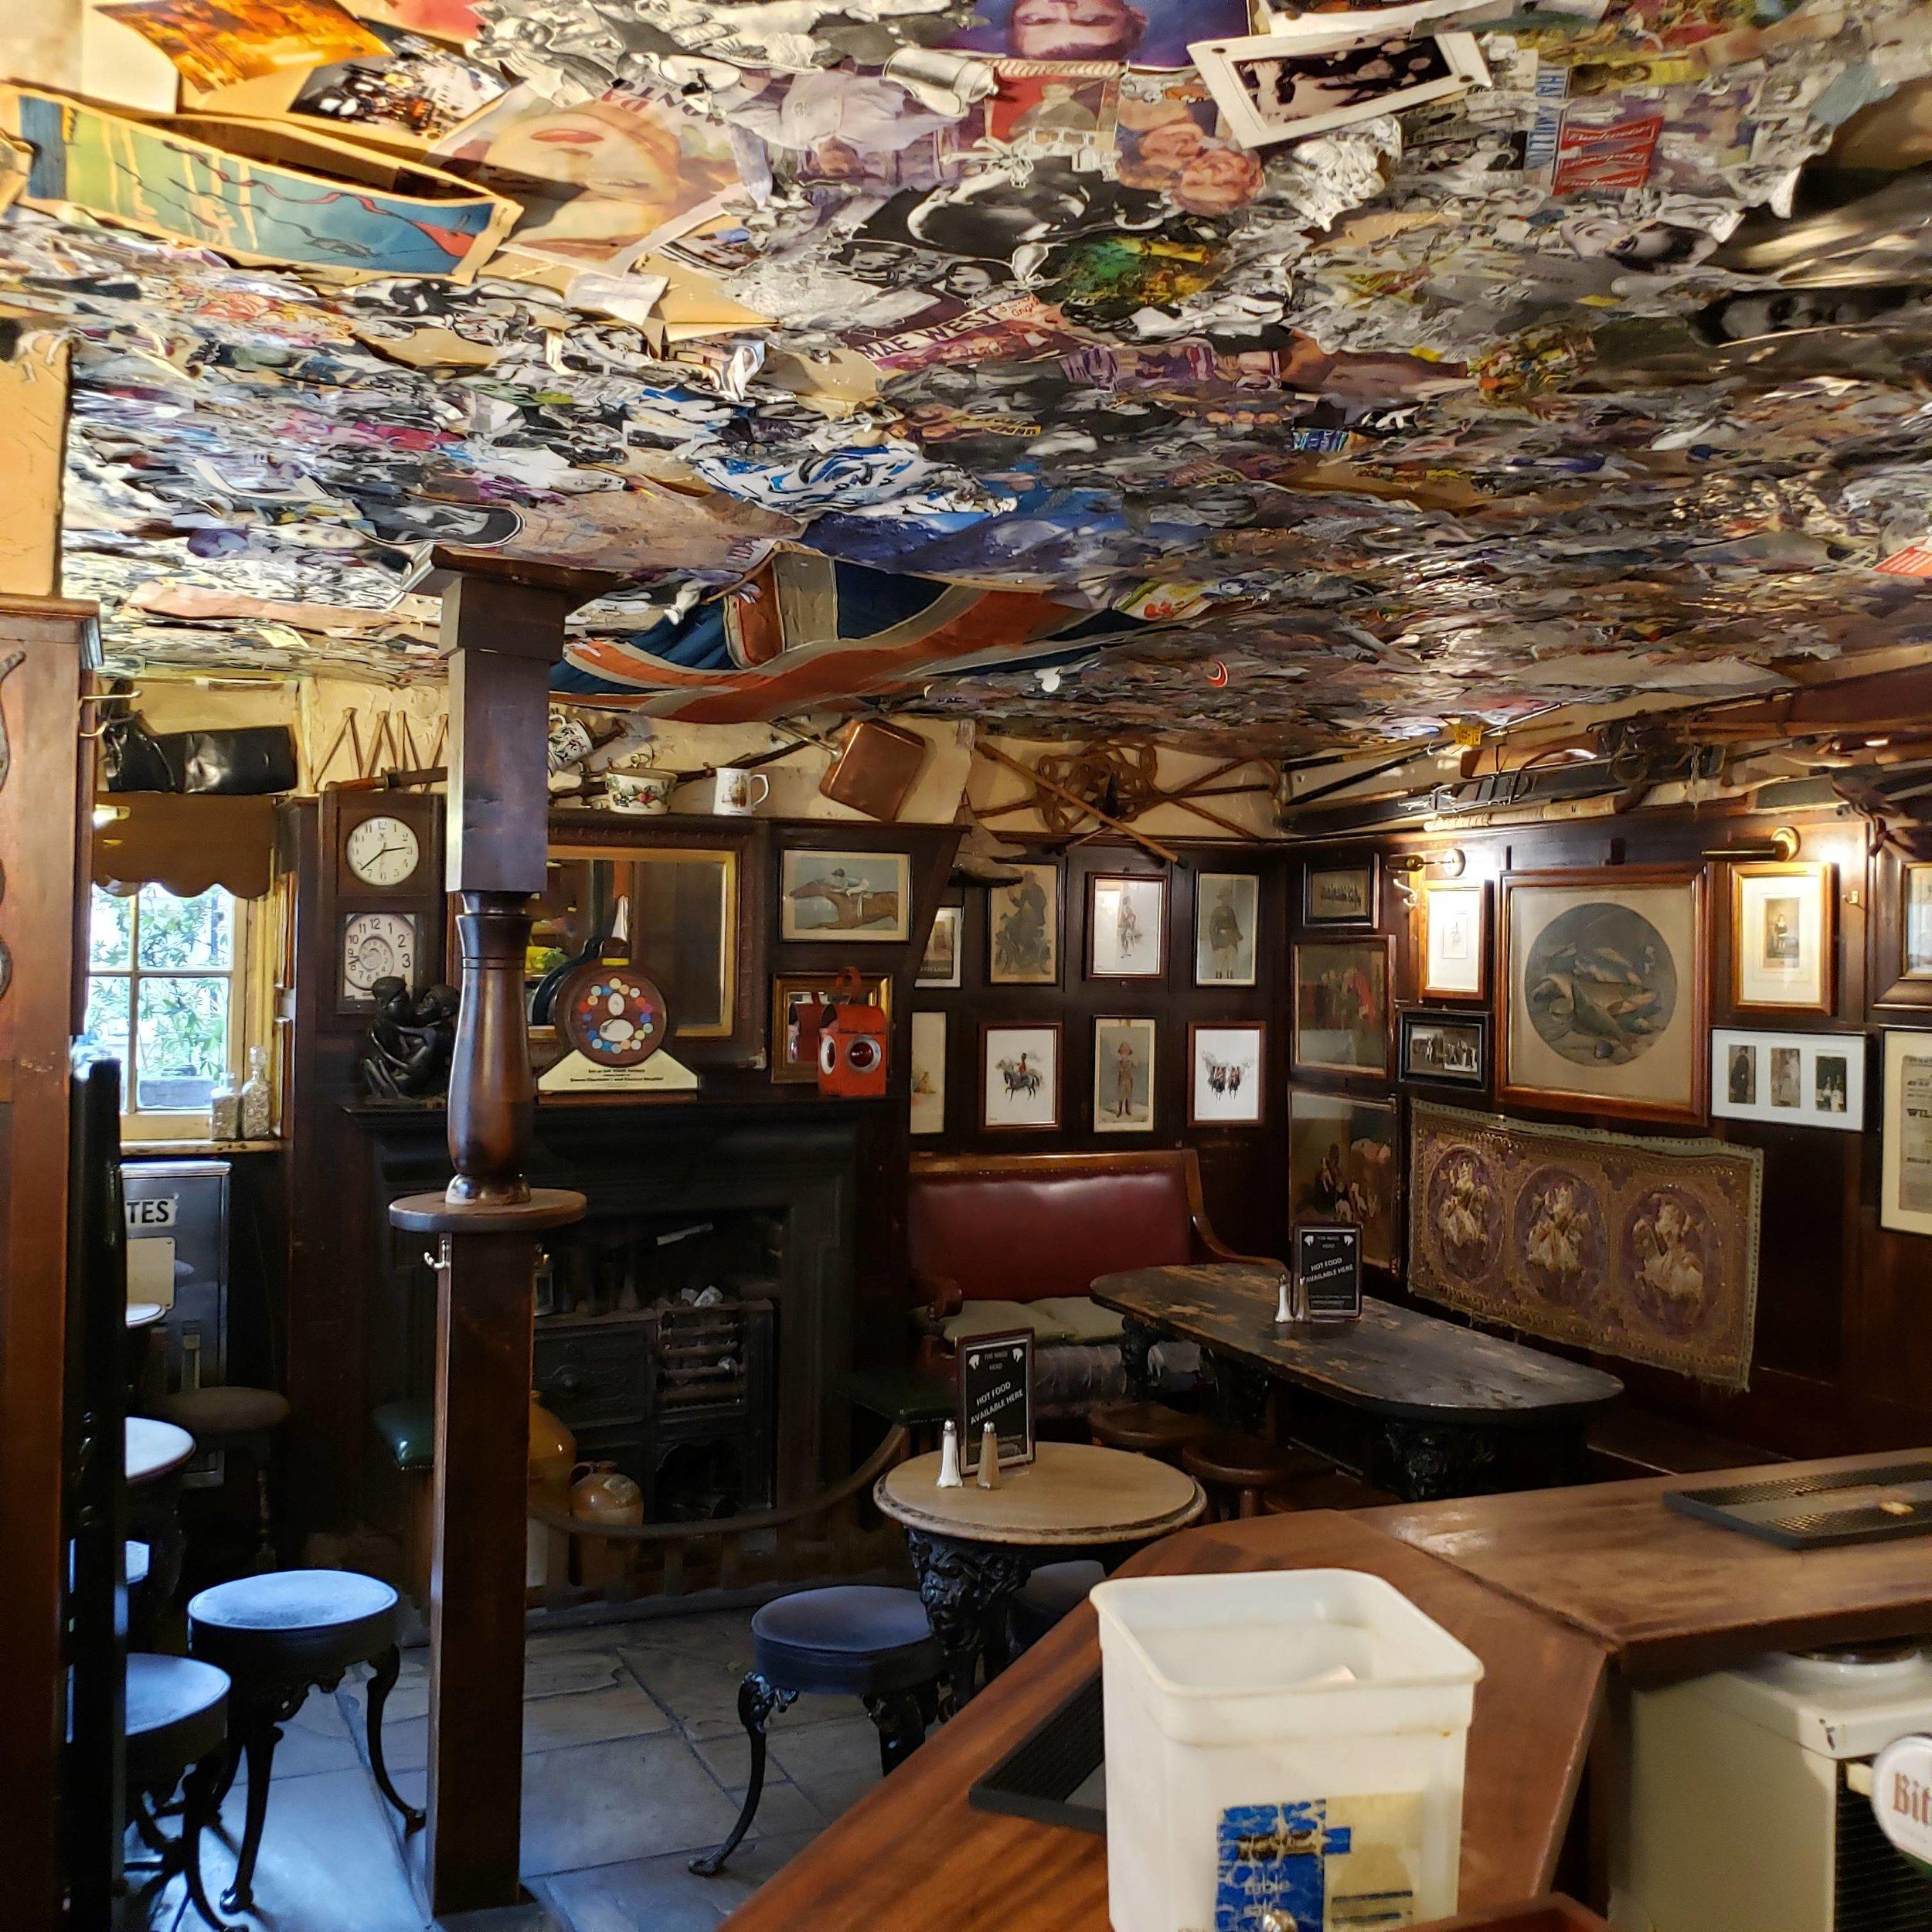 The Nag's Head Pub, June 2019